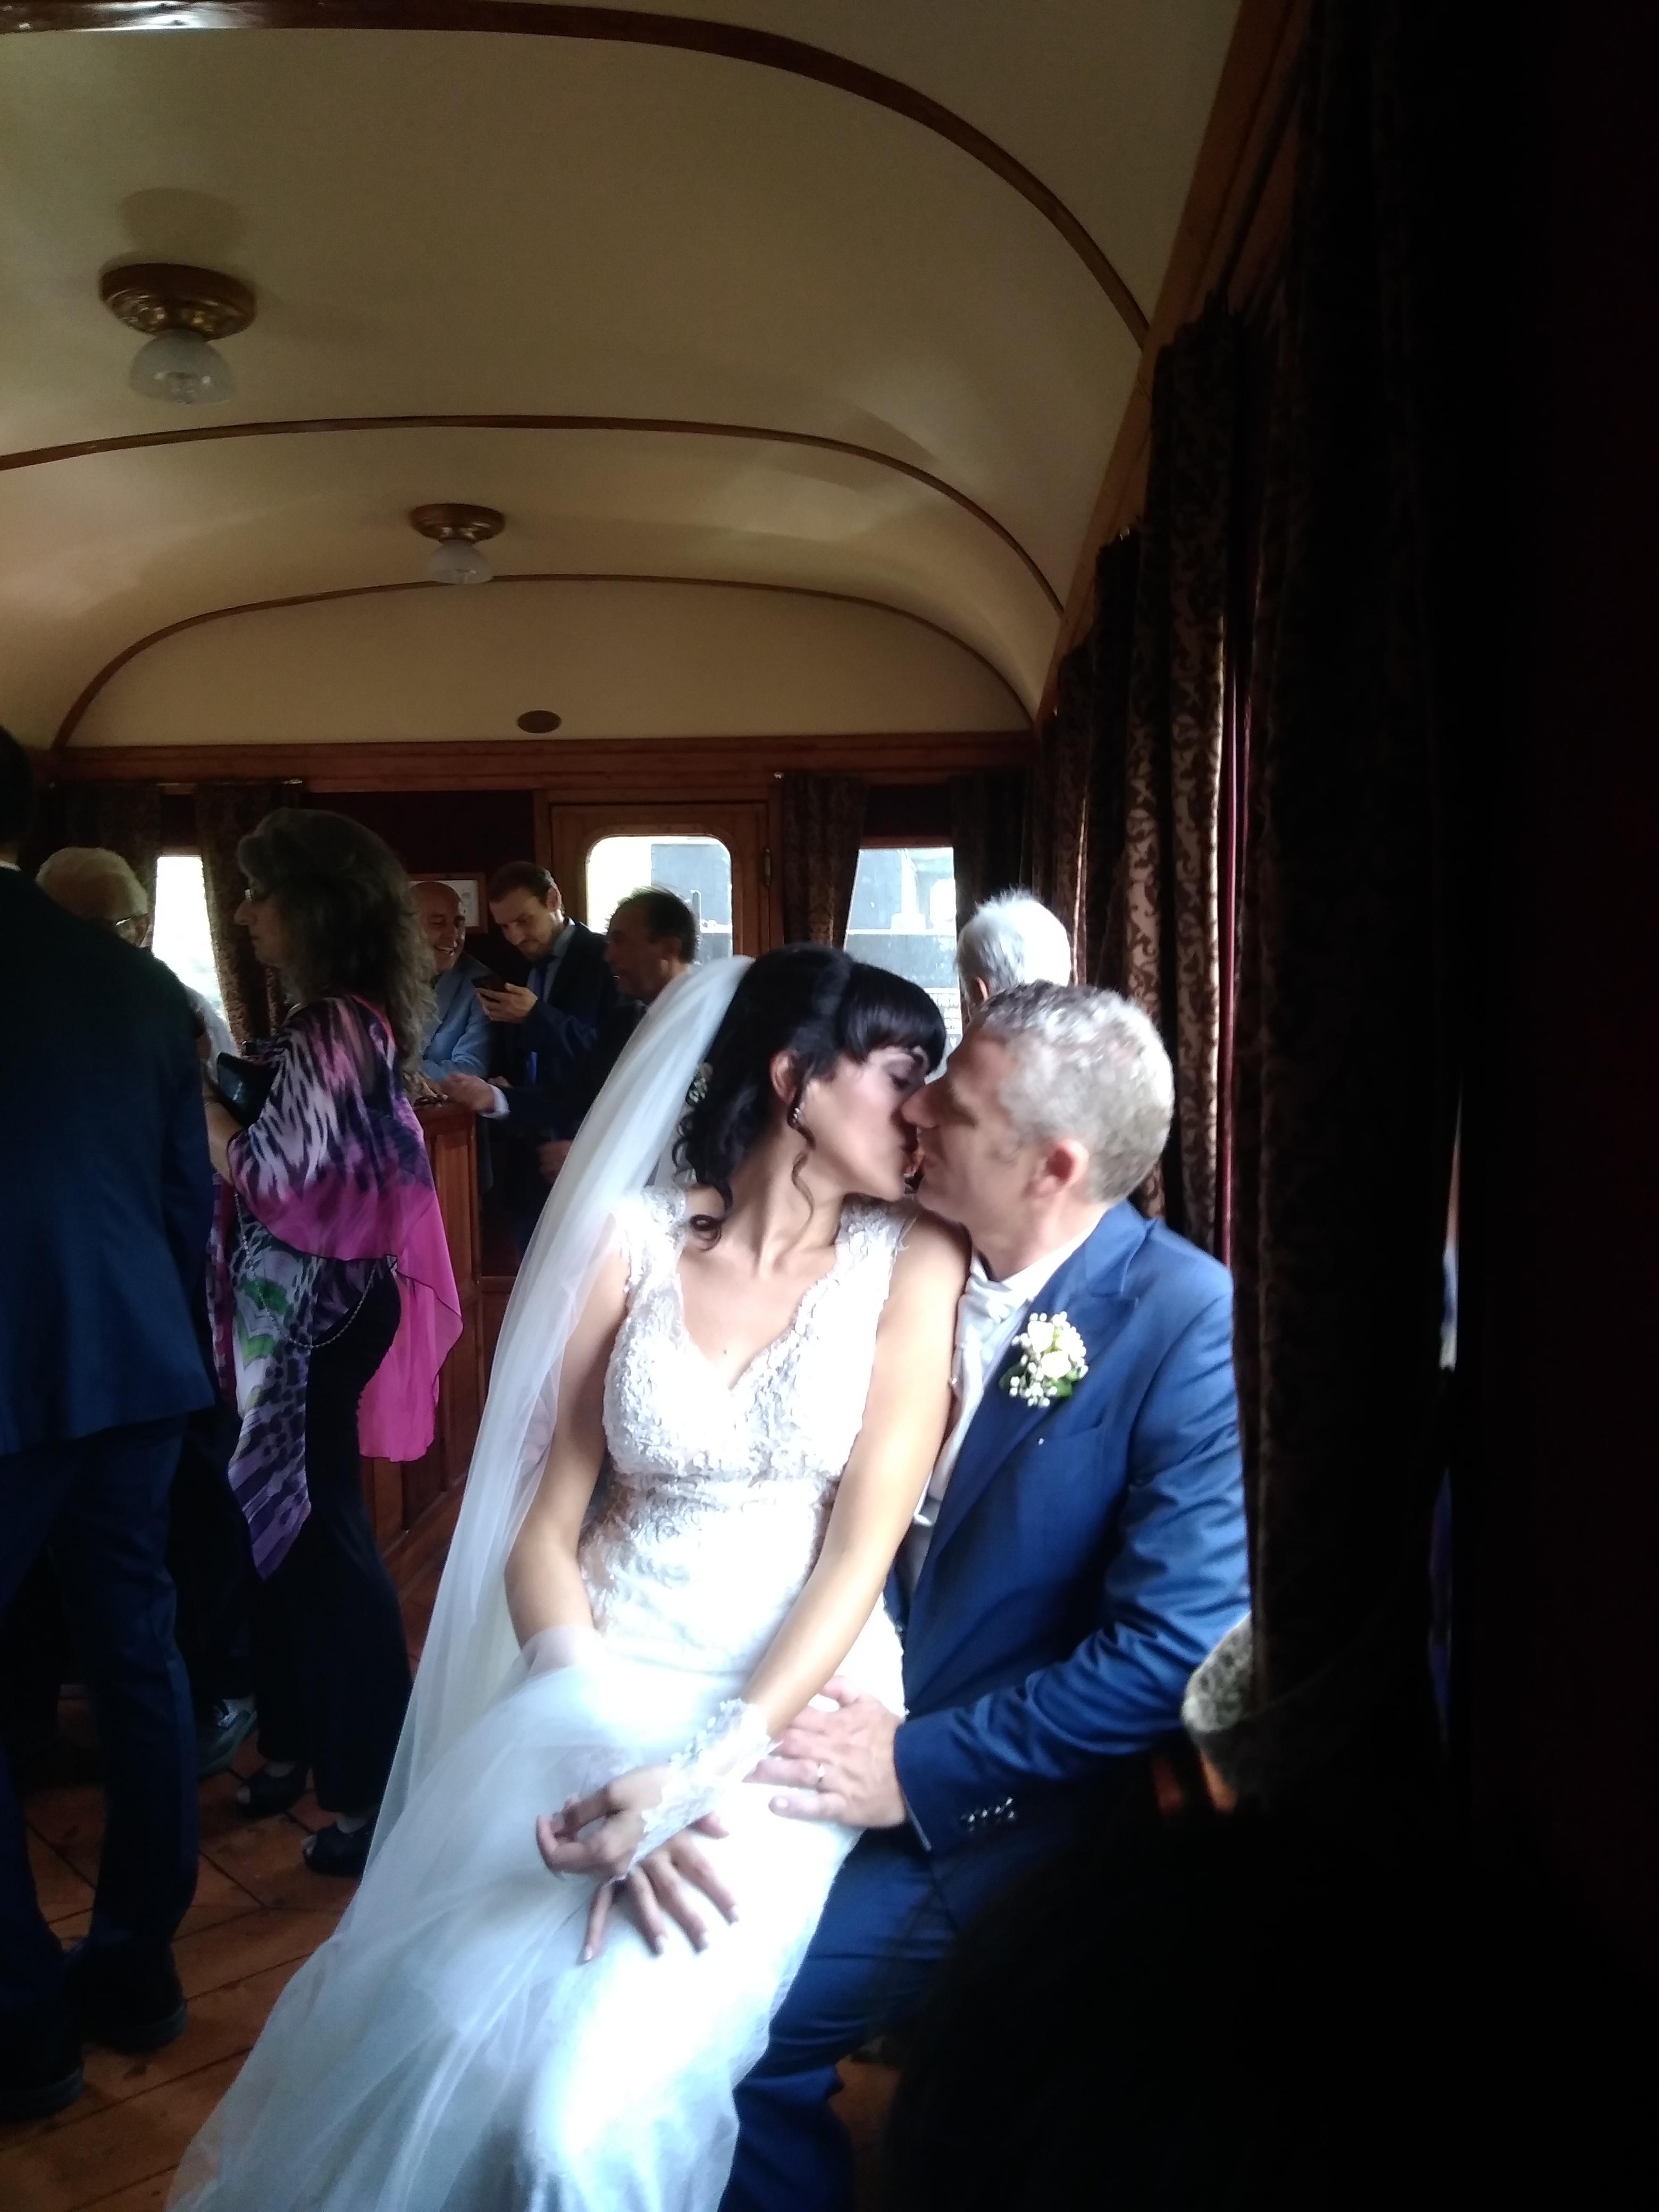 Stefano e Veronica: nozze da favola sul treno a vapore. Festa in tutte le stazioni